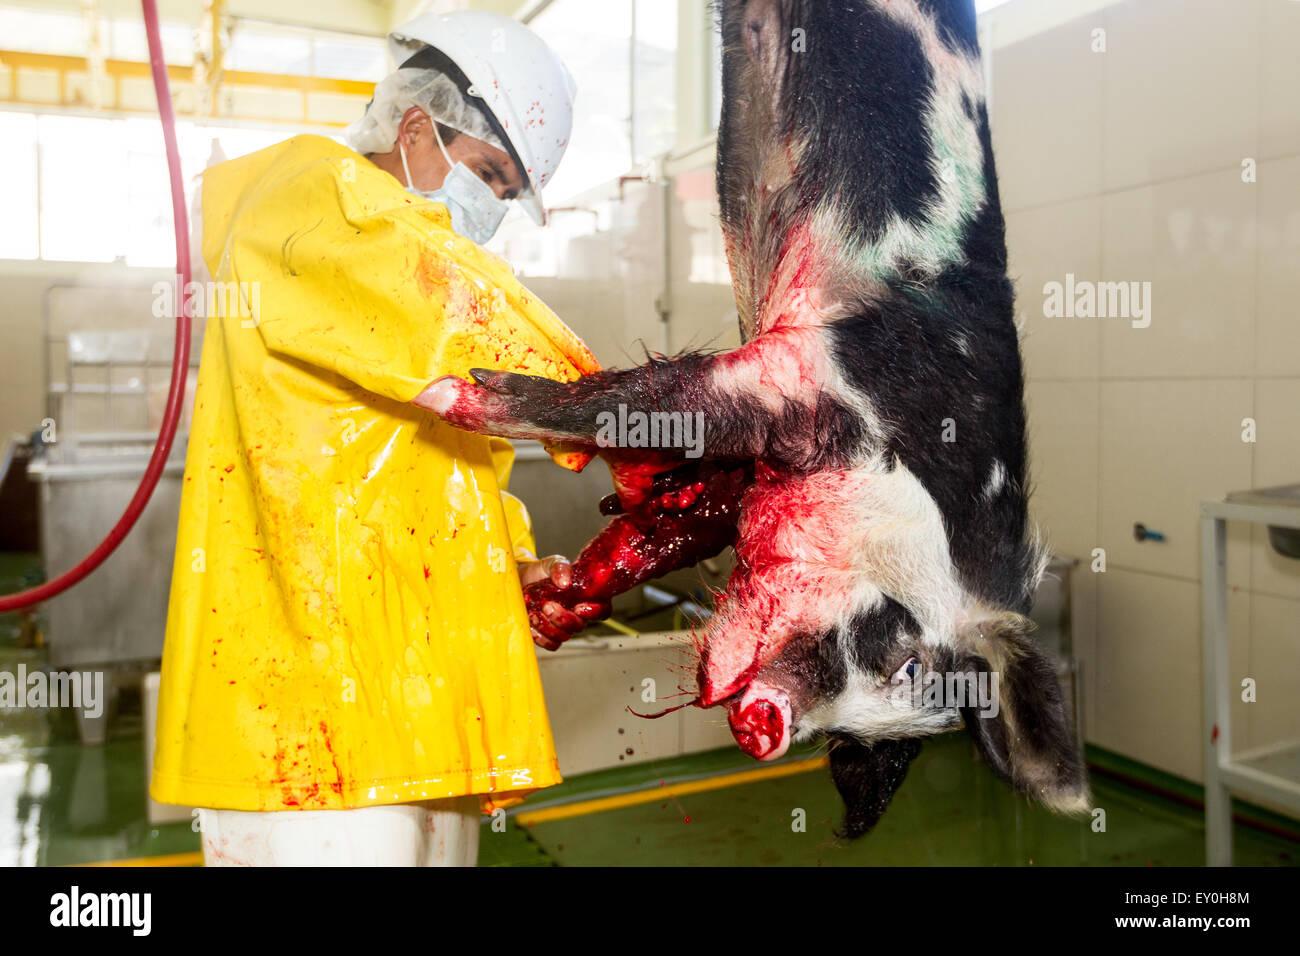 Schlachthof Metzger Töten ein Schwein, das schauen direkt in die Kamera Fokus auf Tierischen Kopf Stockbild